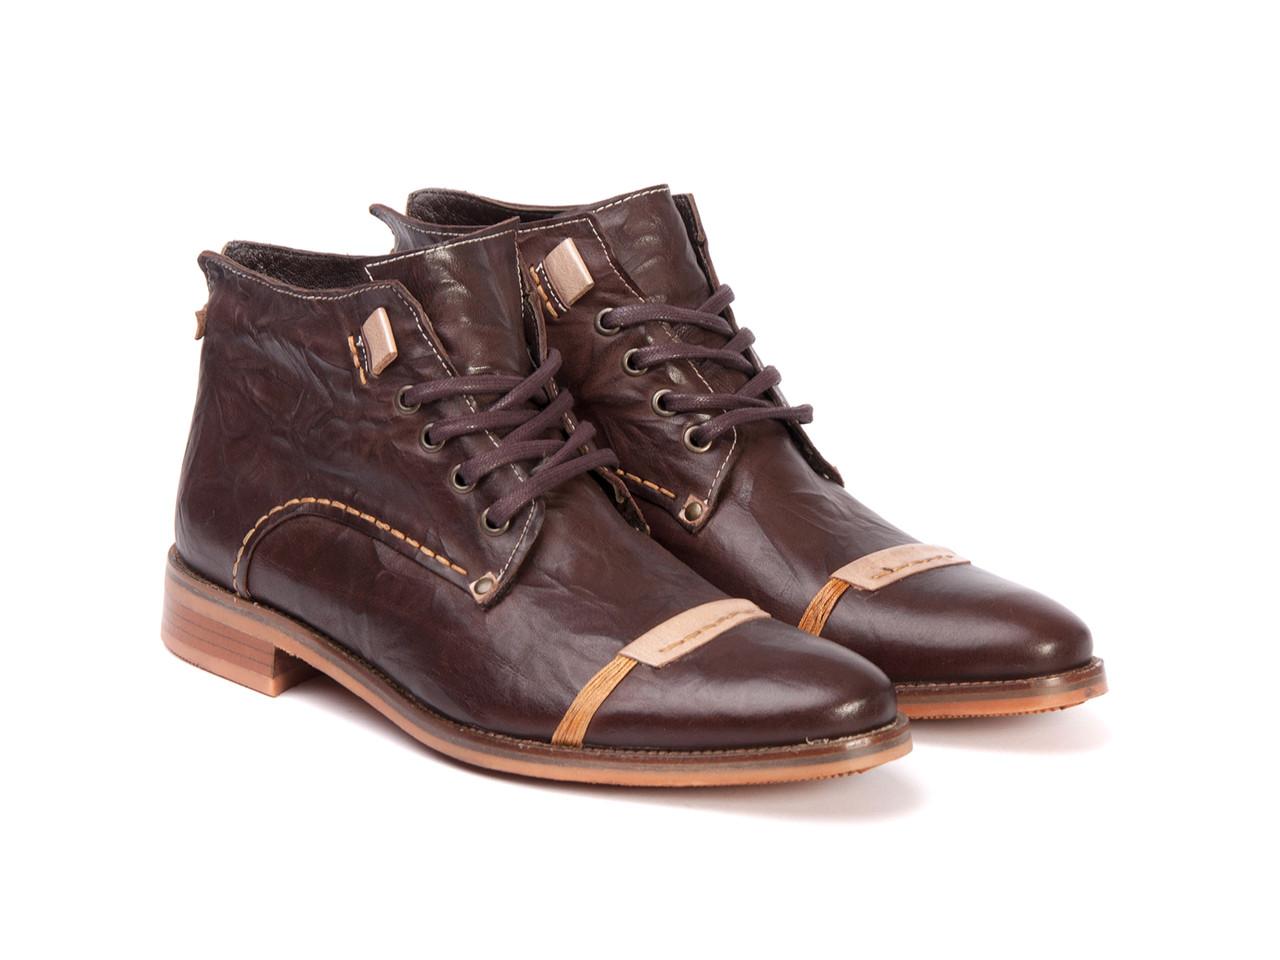 Ботинки Etor 4691-5377-03 коричневые